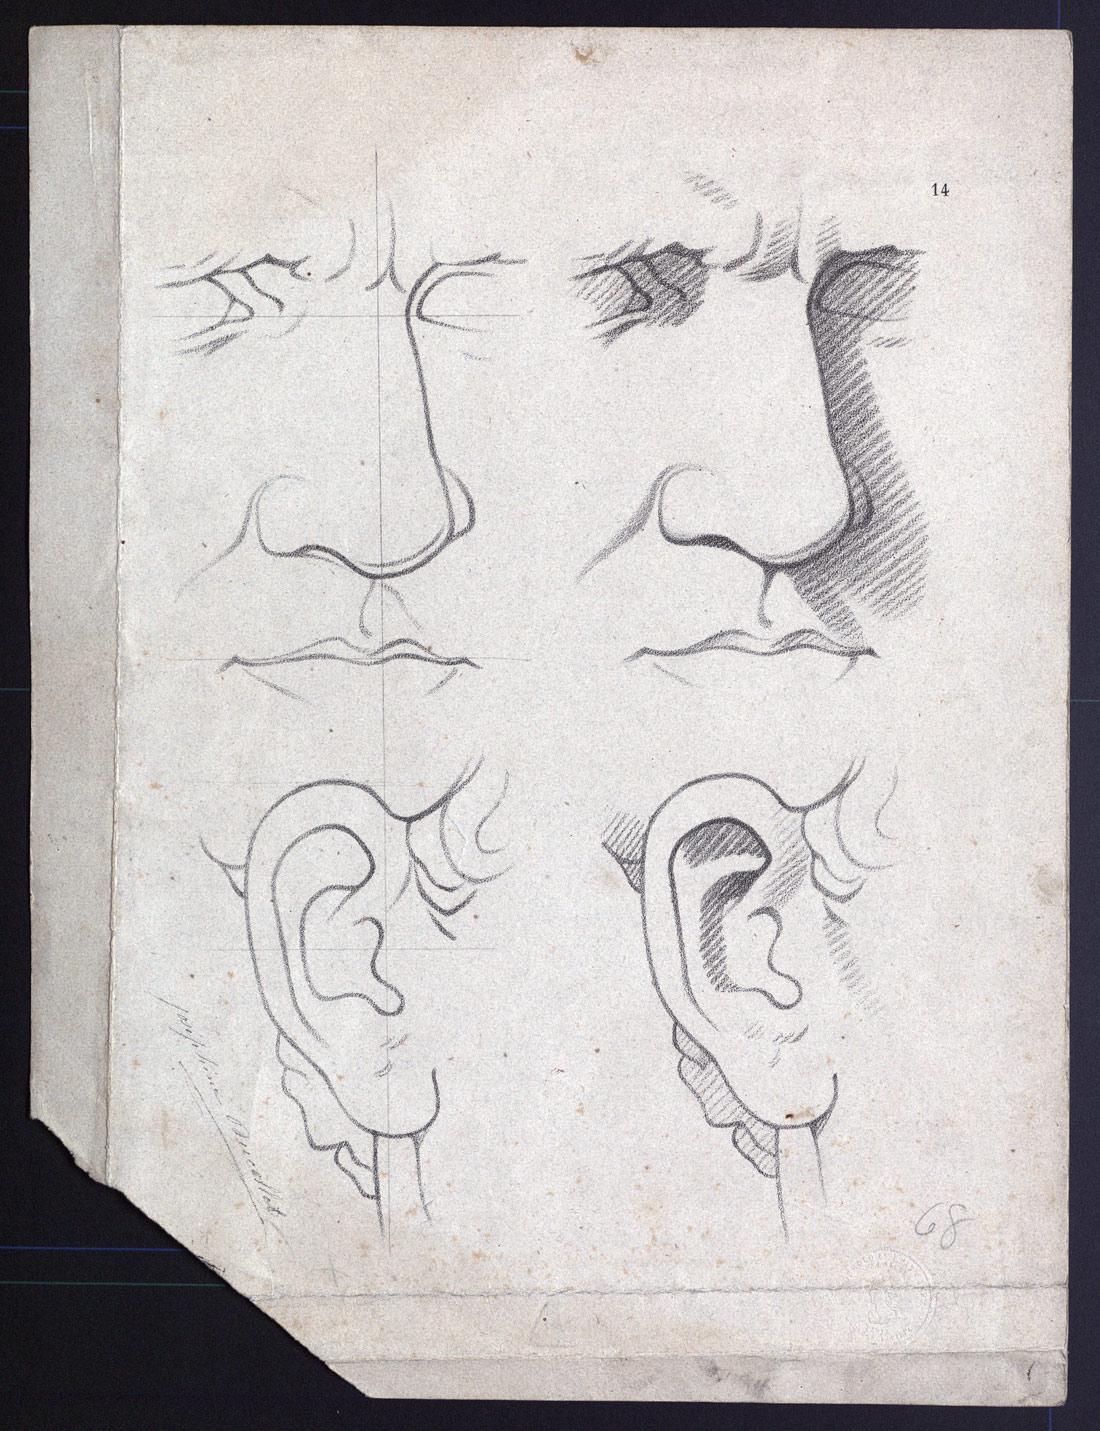 Estudio clásico de nariz y oreja] - Colección Digital de Estampas de ABA